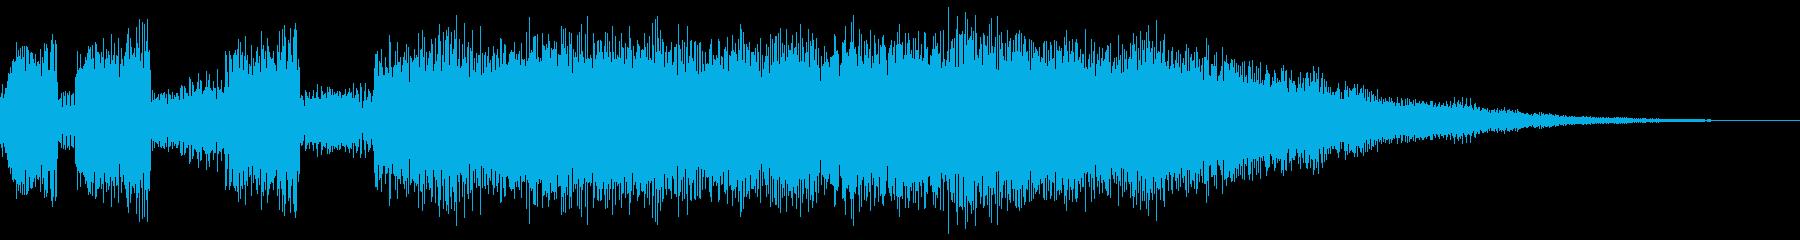 シンセブラスによるサウンドロゴ、ジングルの再生済みの波形